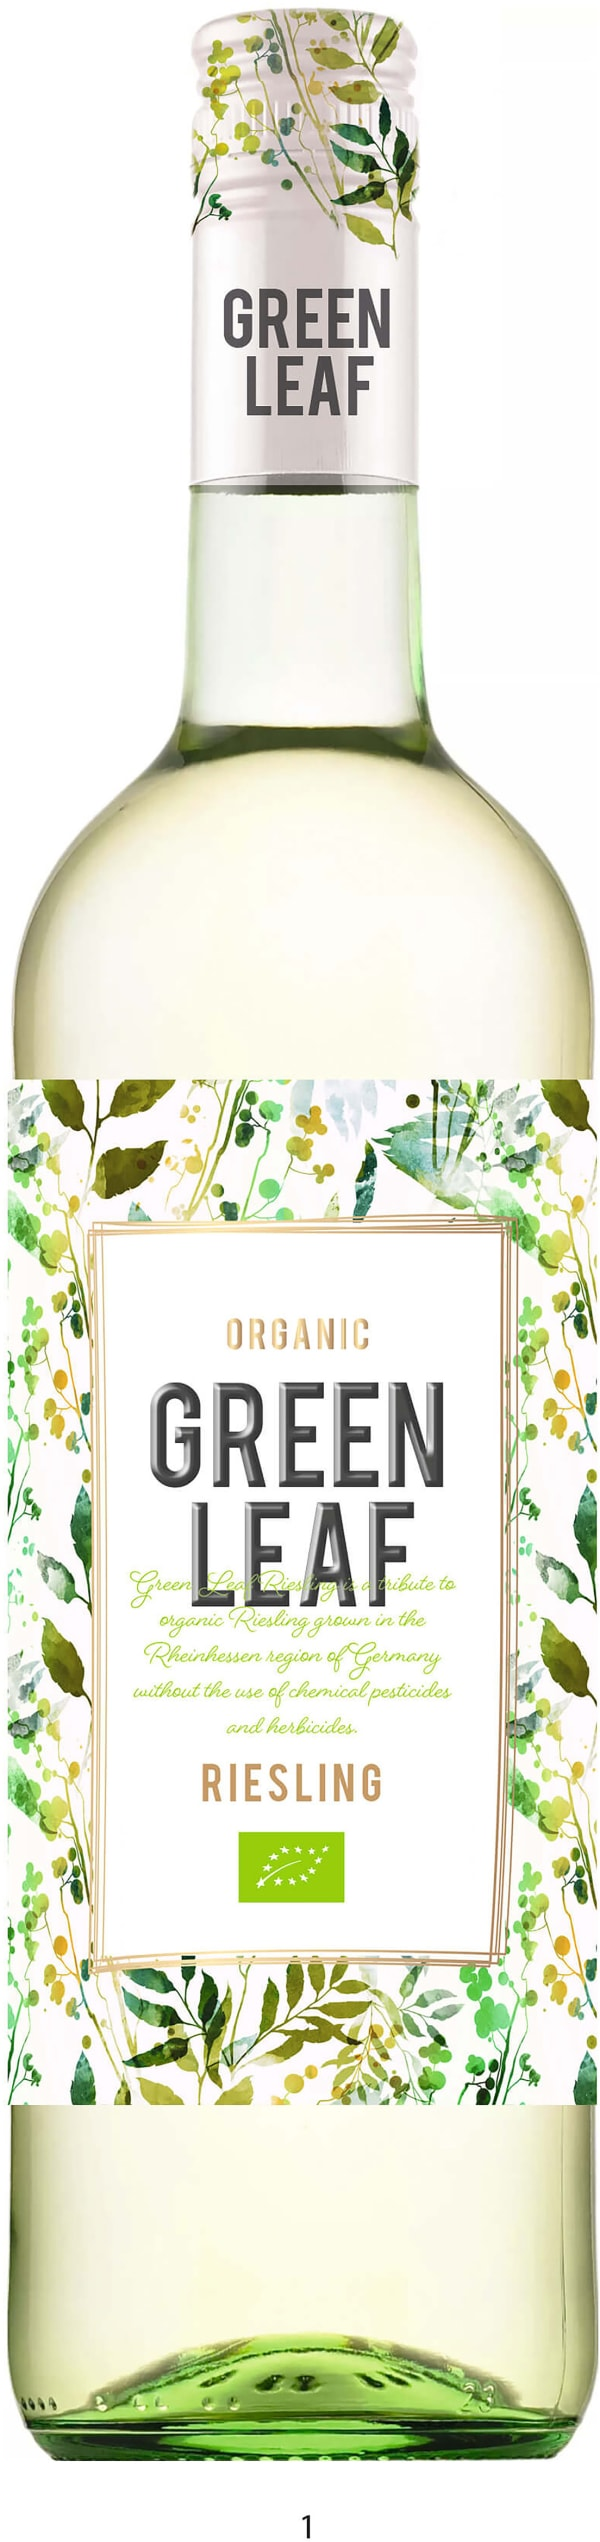 Greenleaf Organic Riesling 2016